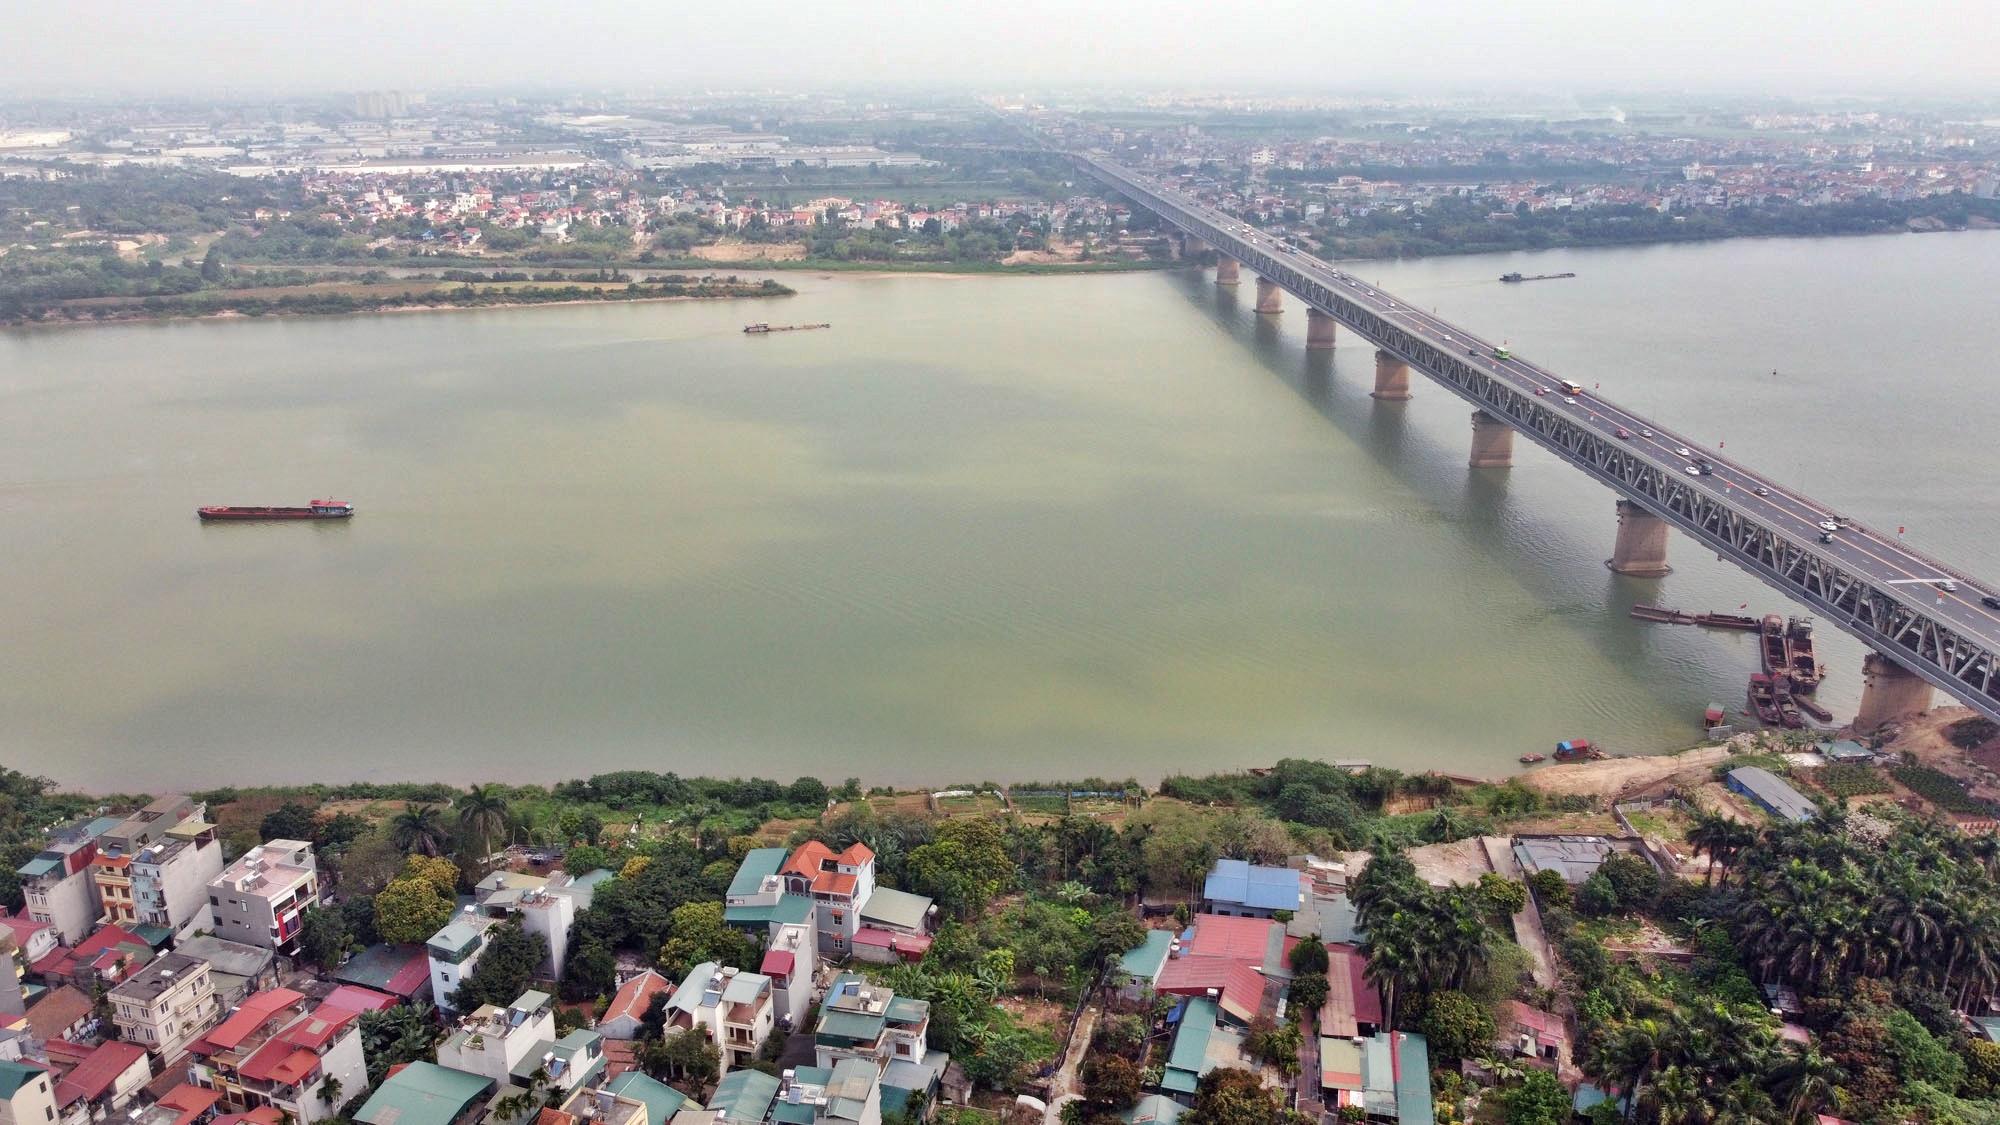 Toàn cảnh hiện trạng Phân khu đô thị sông Hồng trên địa bàn quận Bắc Từ Liêm - Ảnh 27.